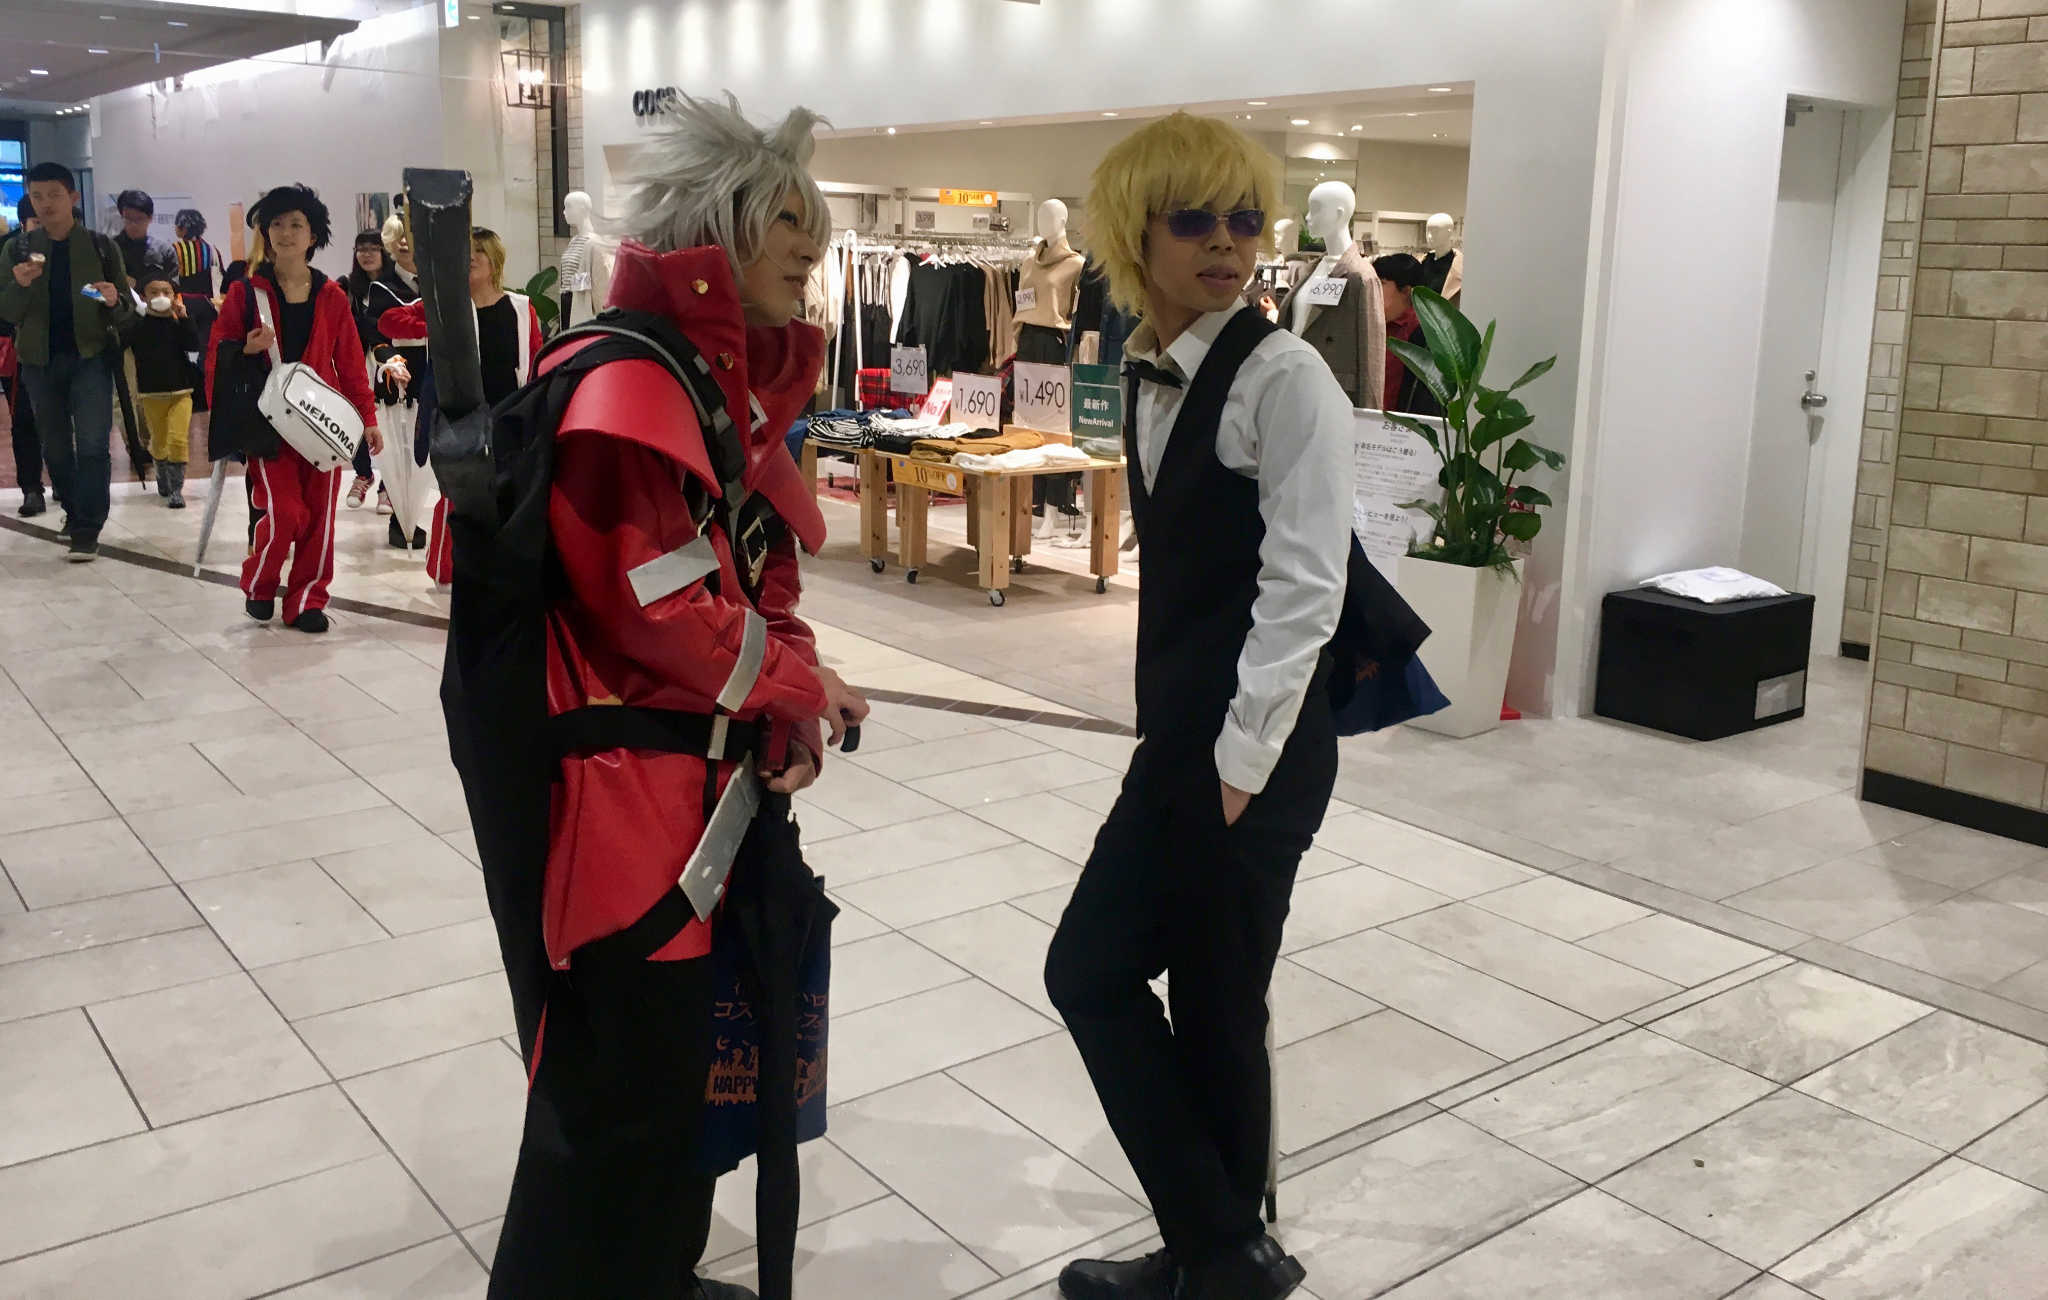 Look complètement décalé de jeunes japonais